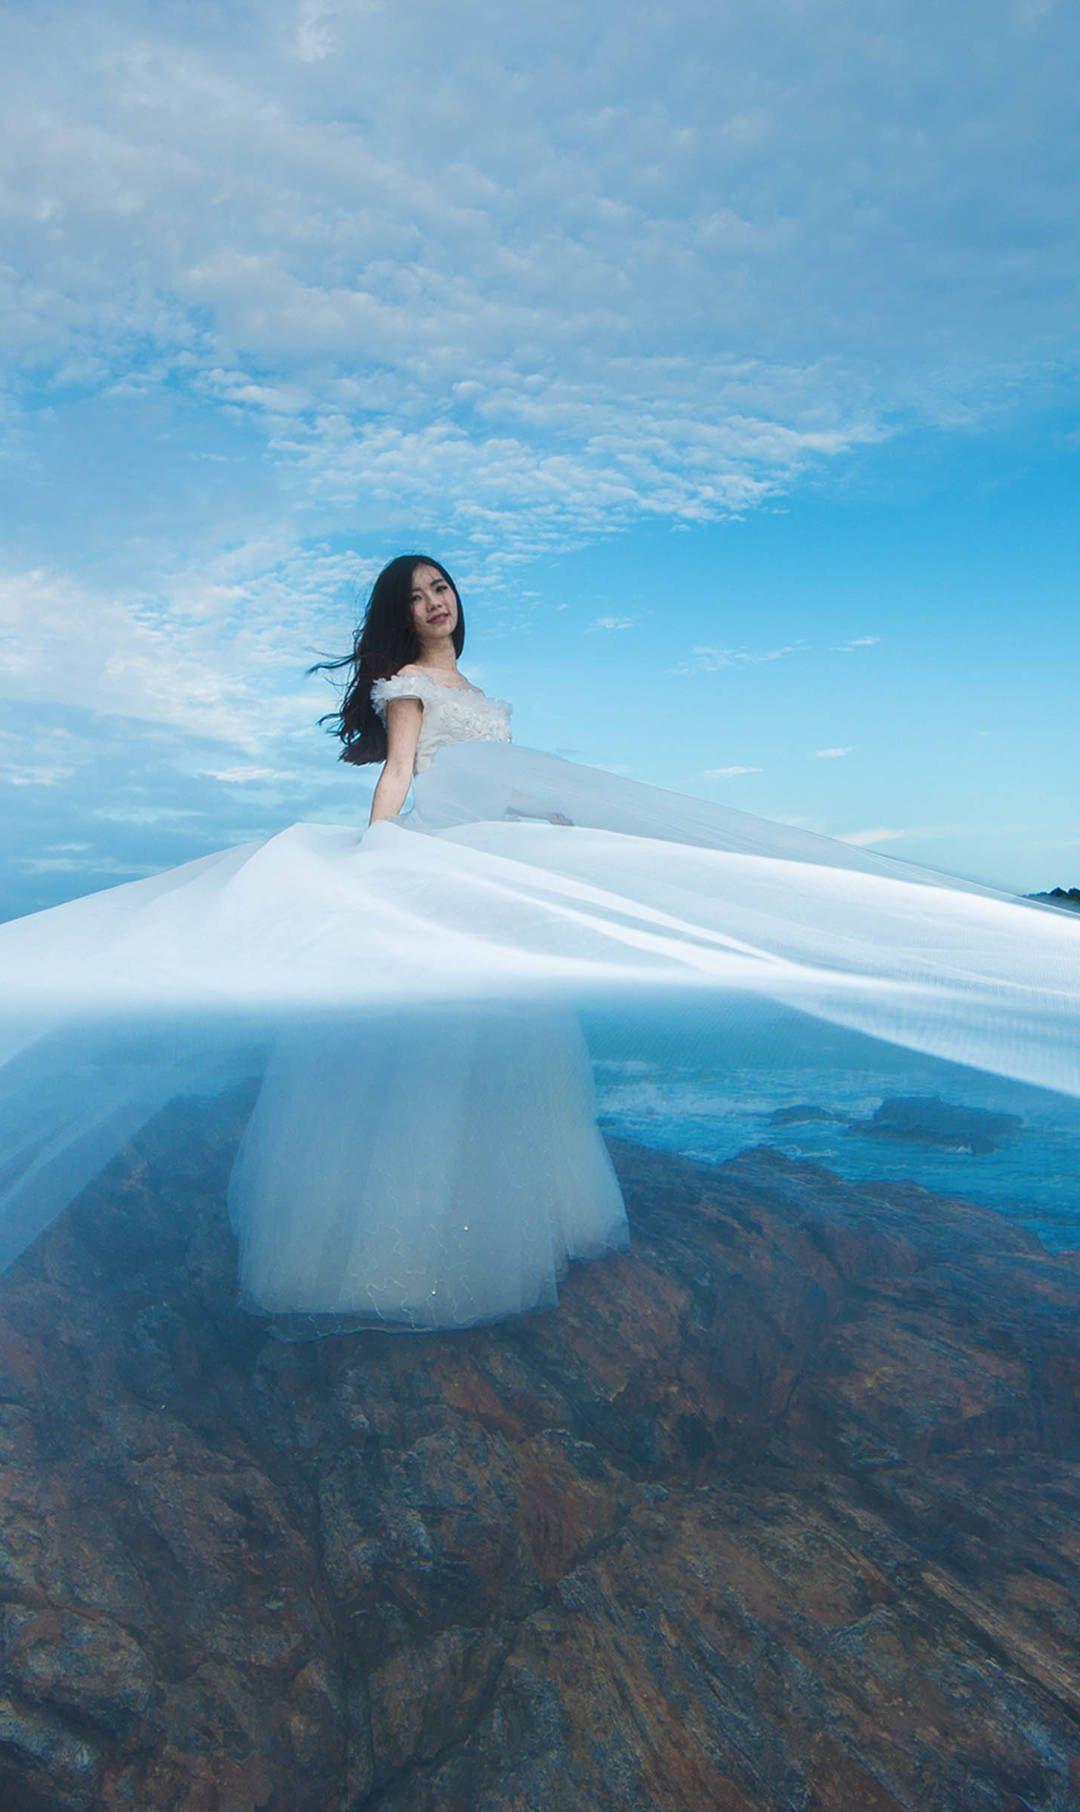 每一个女人一生中都会穿的最美丽的衣服,一组婚纱壁纸,喜欢关注